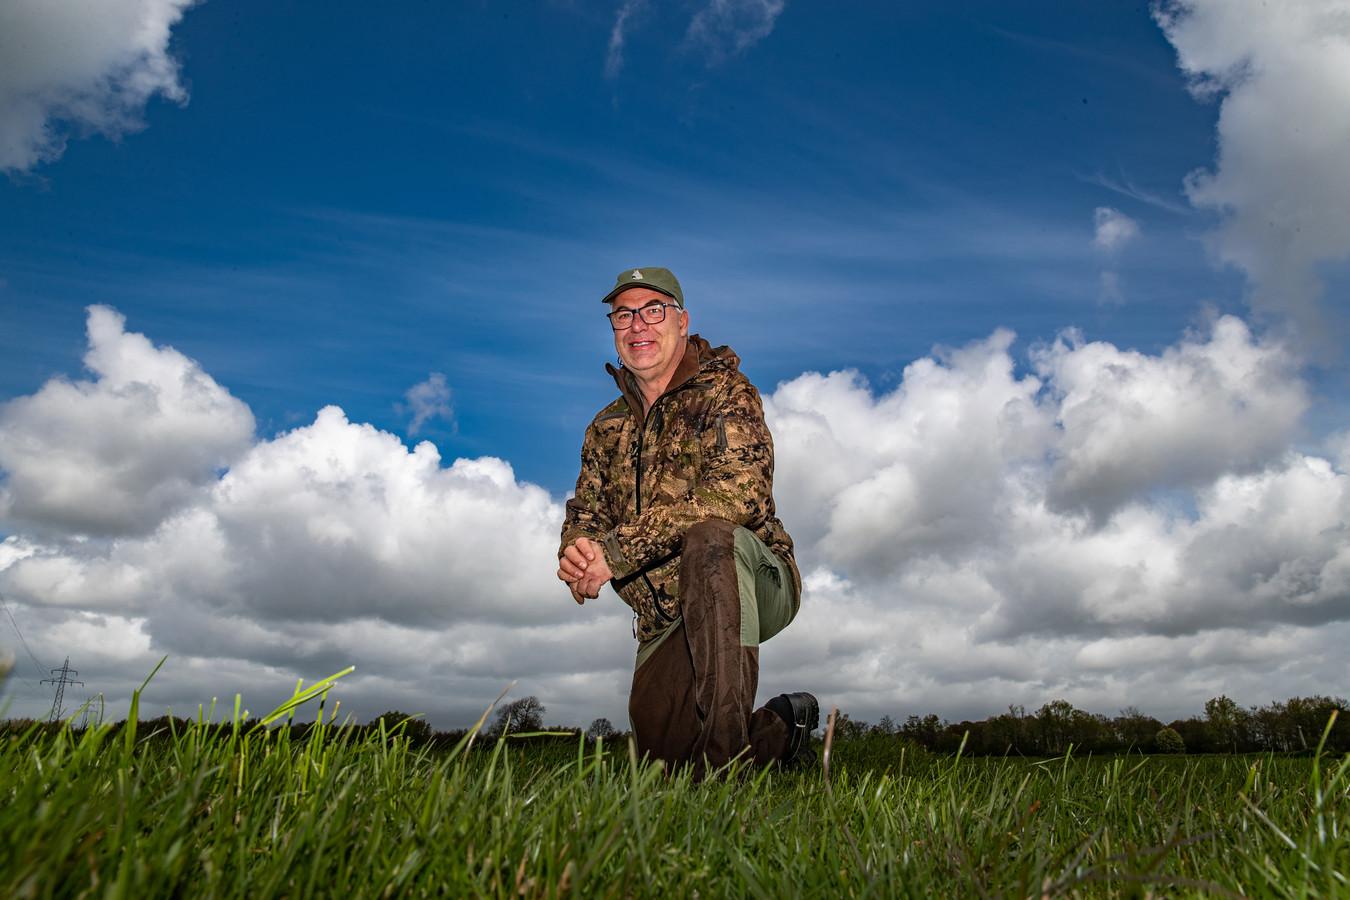 Bertwin Elshof, in het natuurgebied Lierderbroek. Hij maakt zich met name dit jaar grote zorgen over de nesten van de weidevogels. De vos mocht vanwege de avondklok niet worden bejaagd. Nu heeft het dier goede dekking door het hoge gras. ,,We lopen achter de feiten aan.''